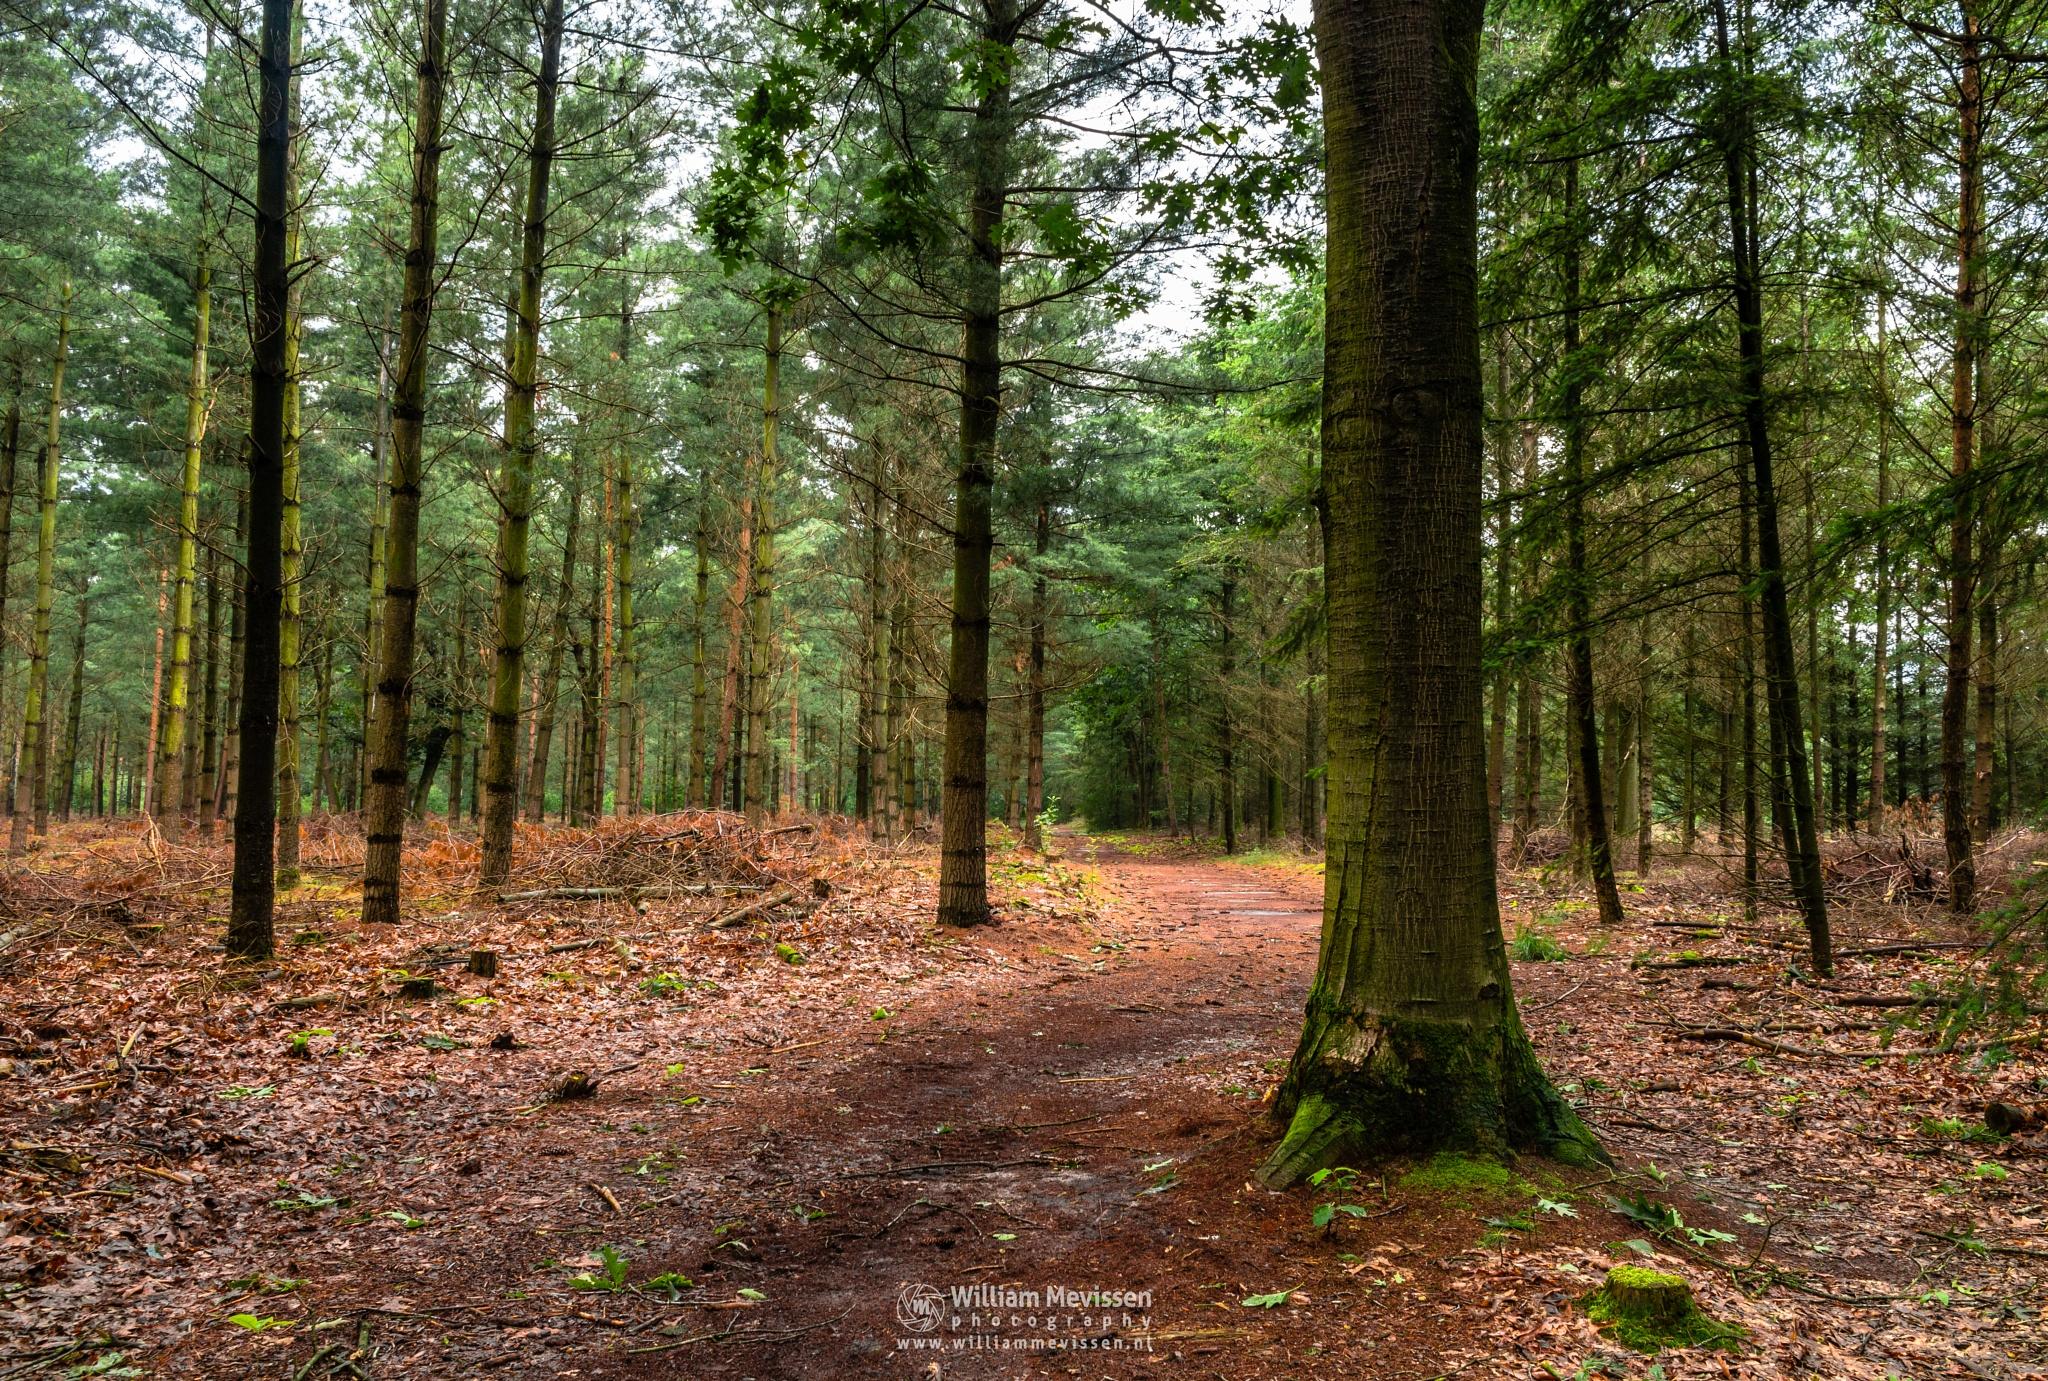 Pine Tree Forest by William Mevissen